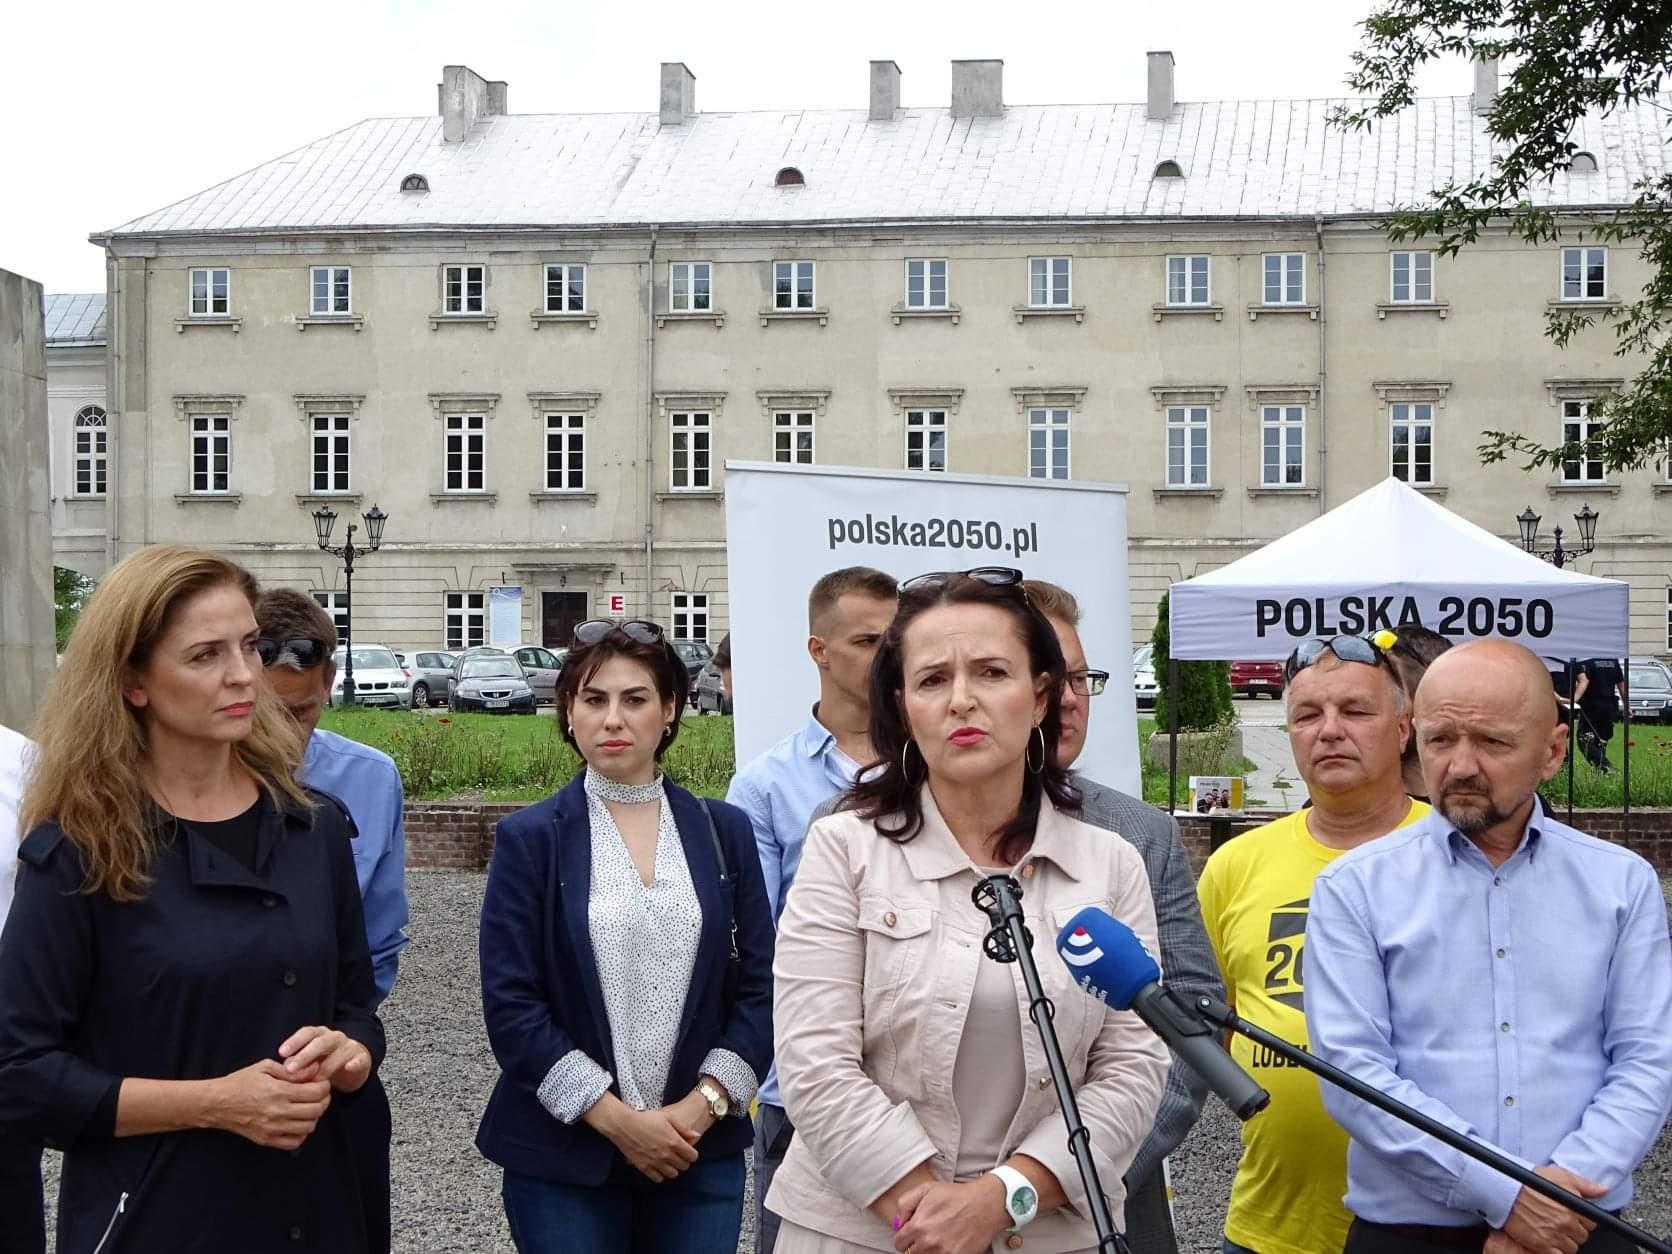 received 4379045898820559 Liderzy i działacze Polski 2050 spotkali się w Zamościu. Rozmawiali m.in. o zamknięciu oddziału pediatrycznego w naszym mieście